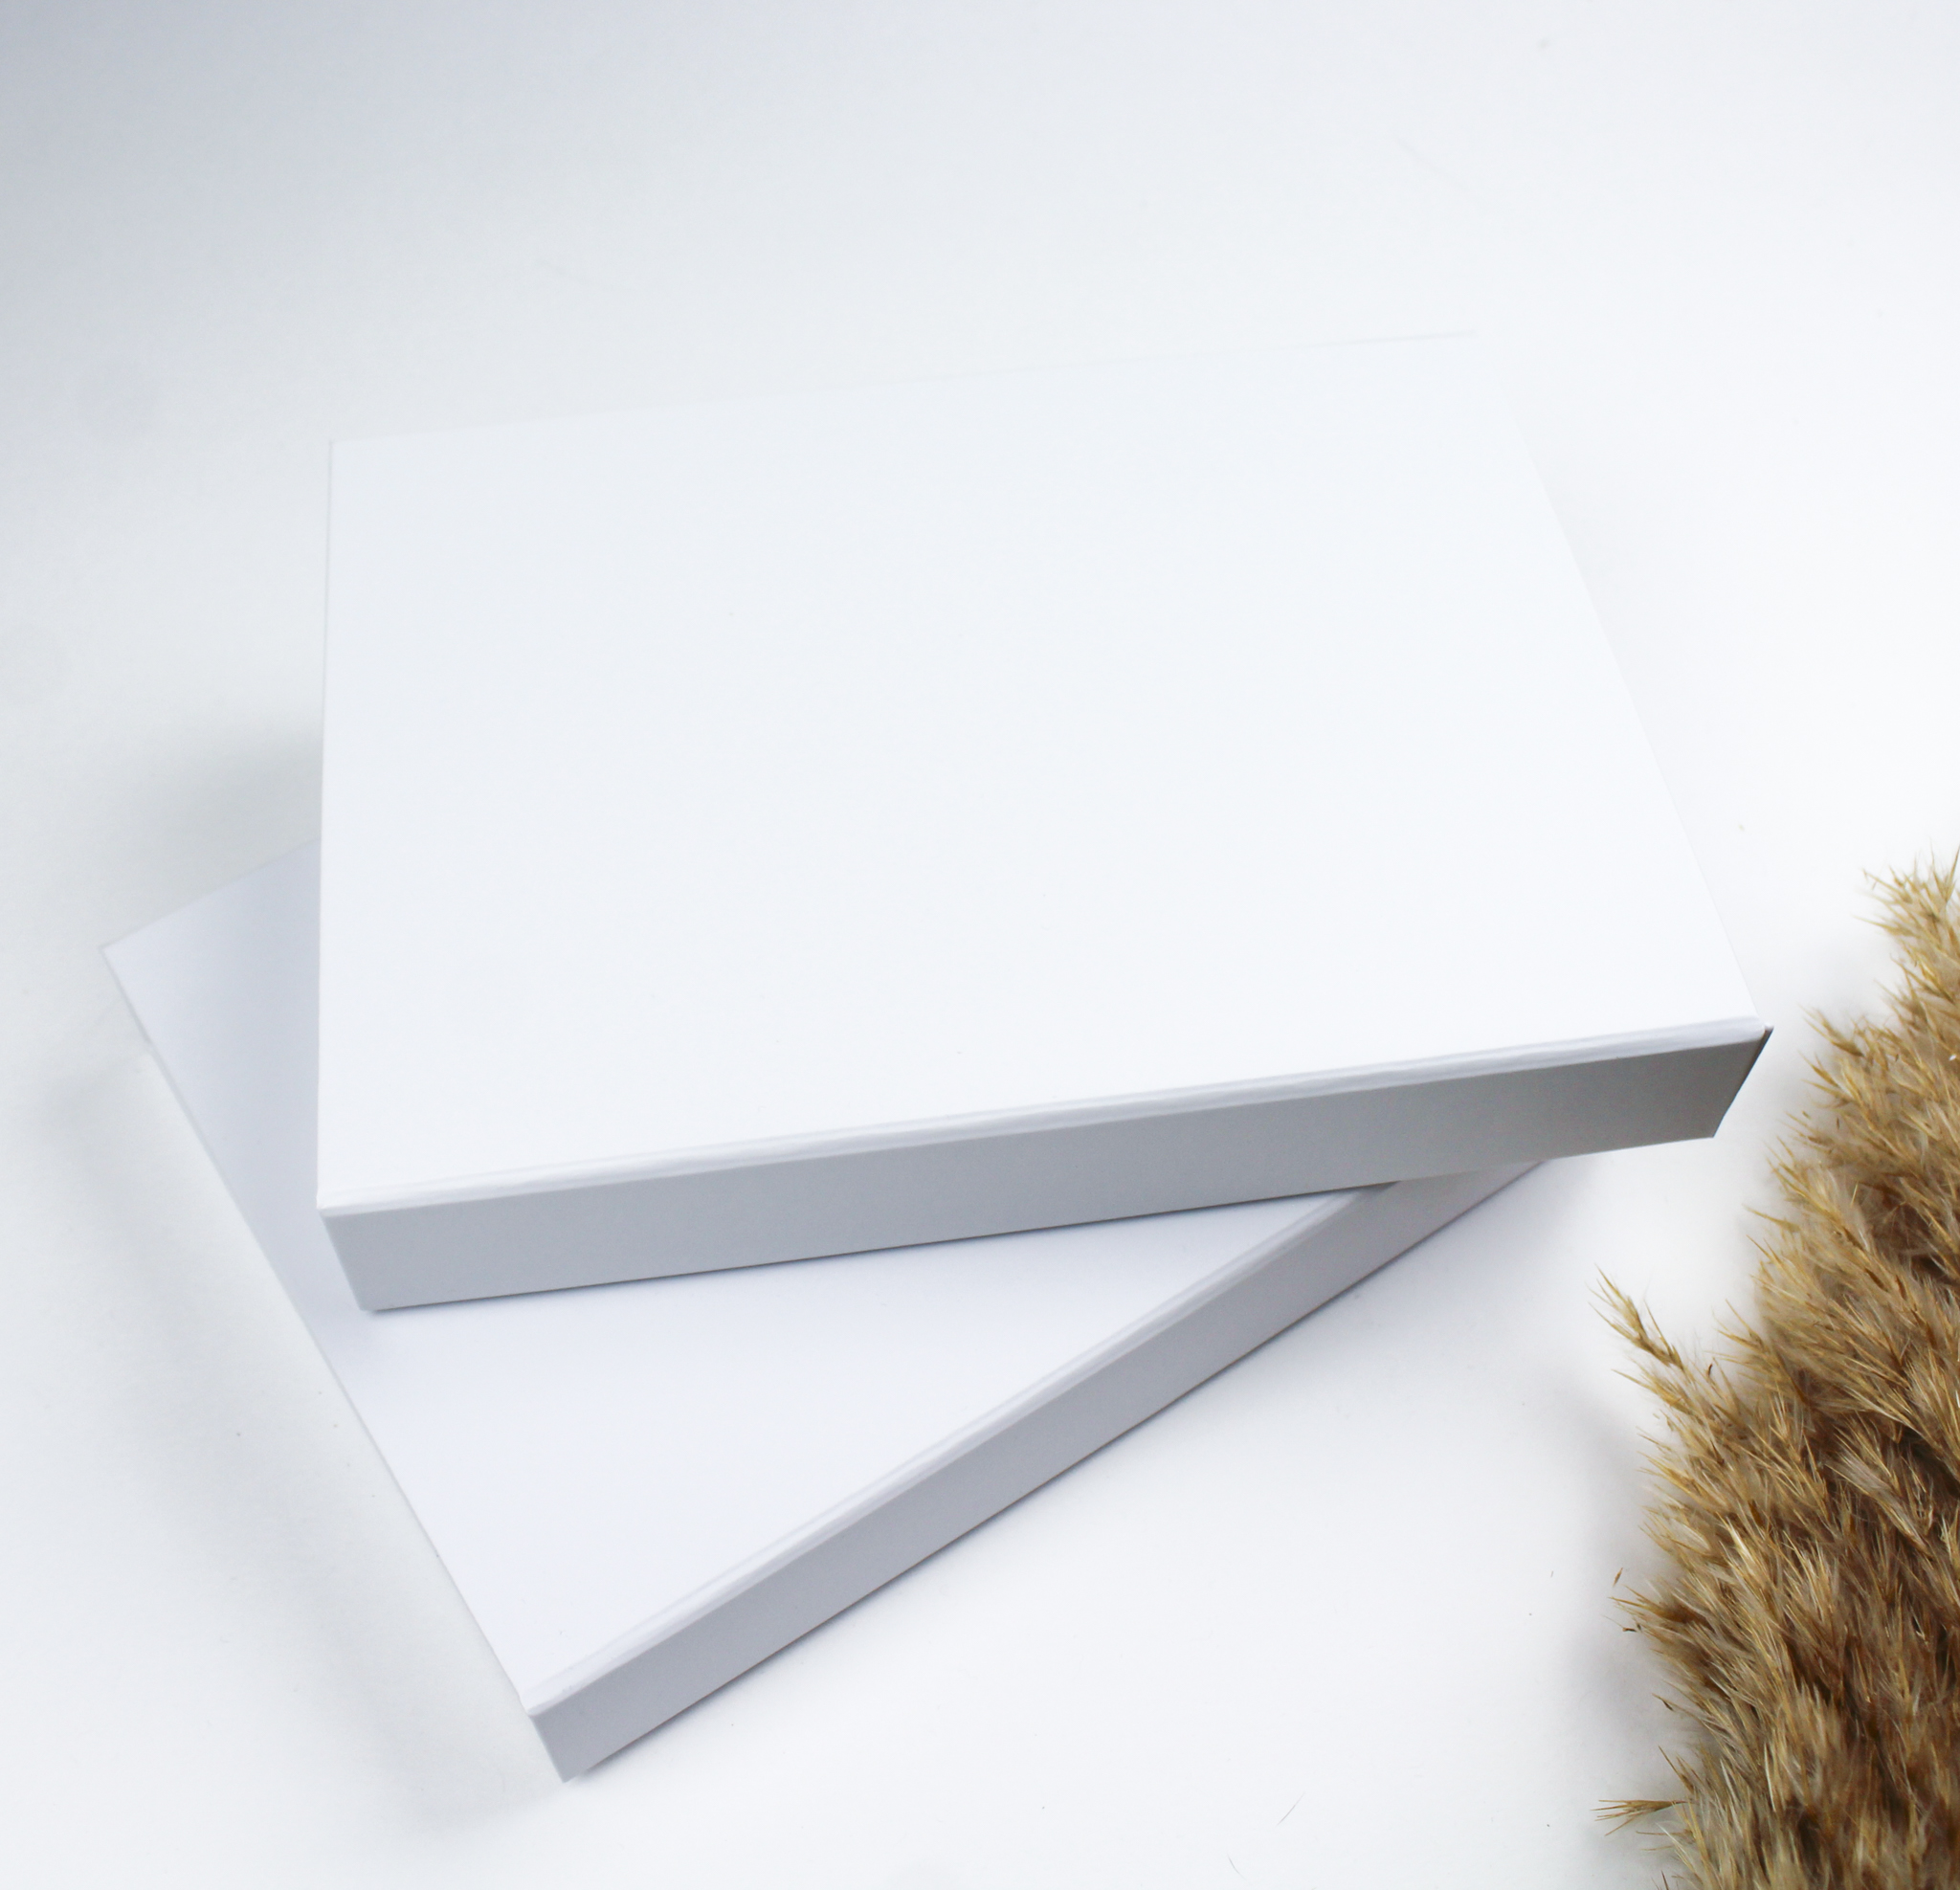 cadeaudoos cadeaubox boxen wit ideefabriek voorkant naam